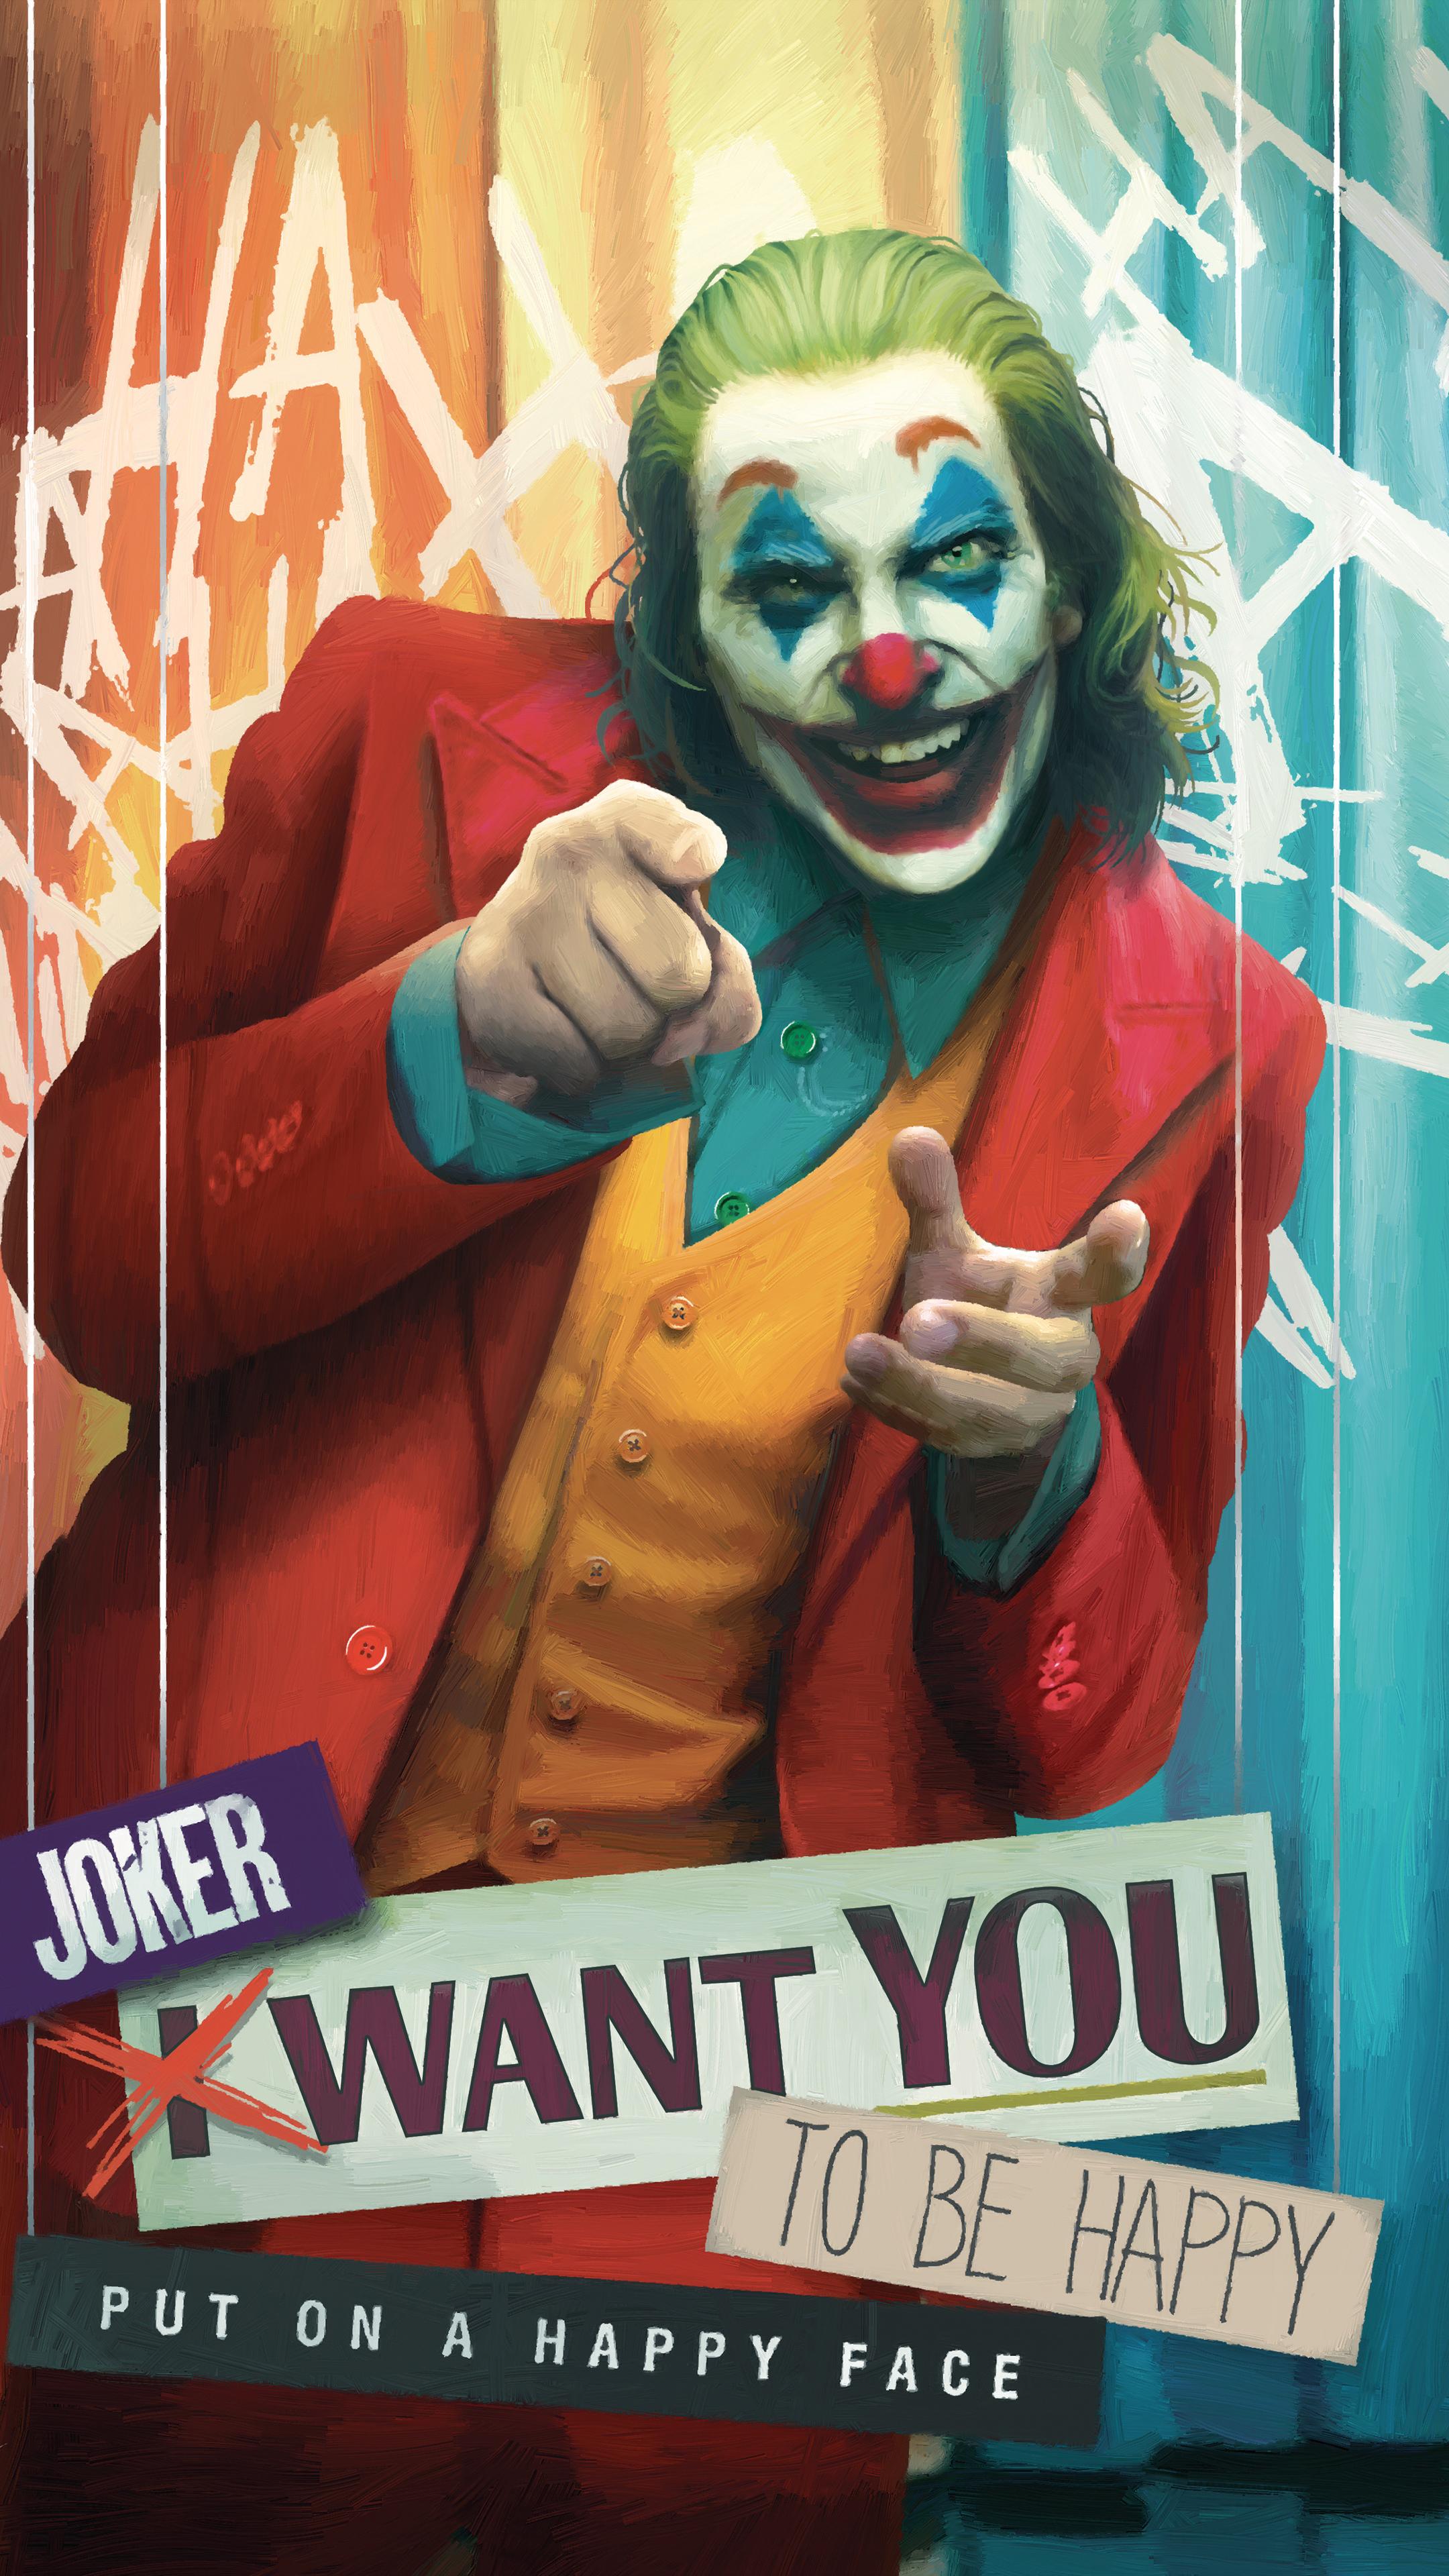 joker-jokes-on-you-1o.jpg